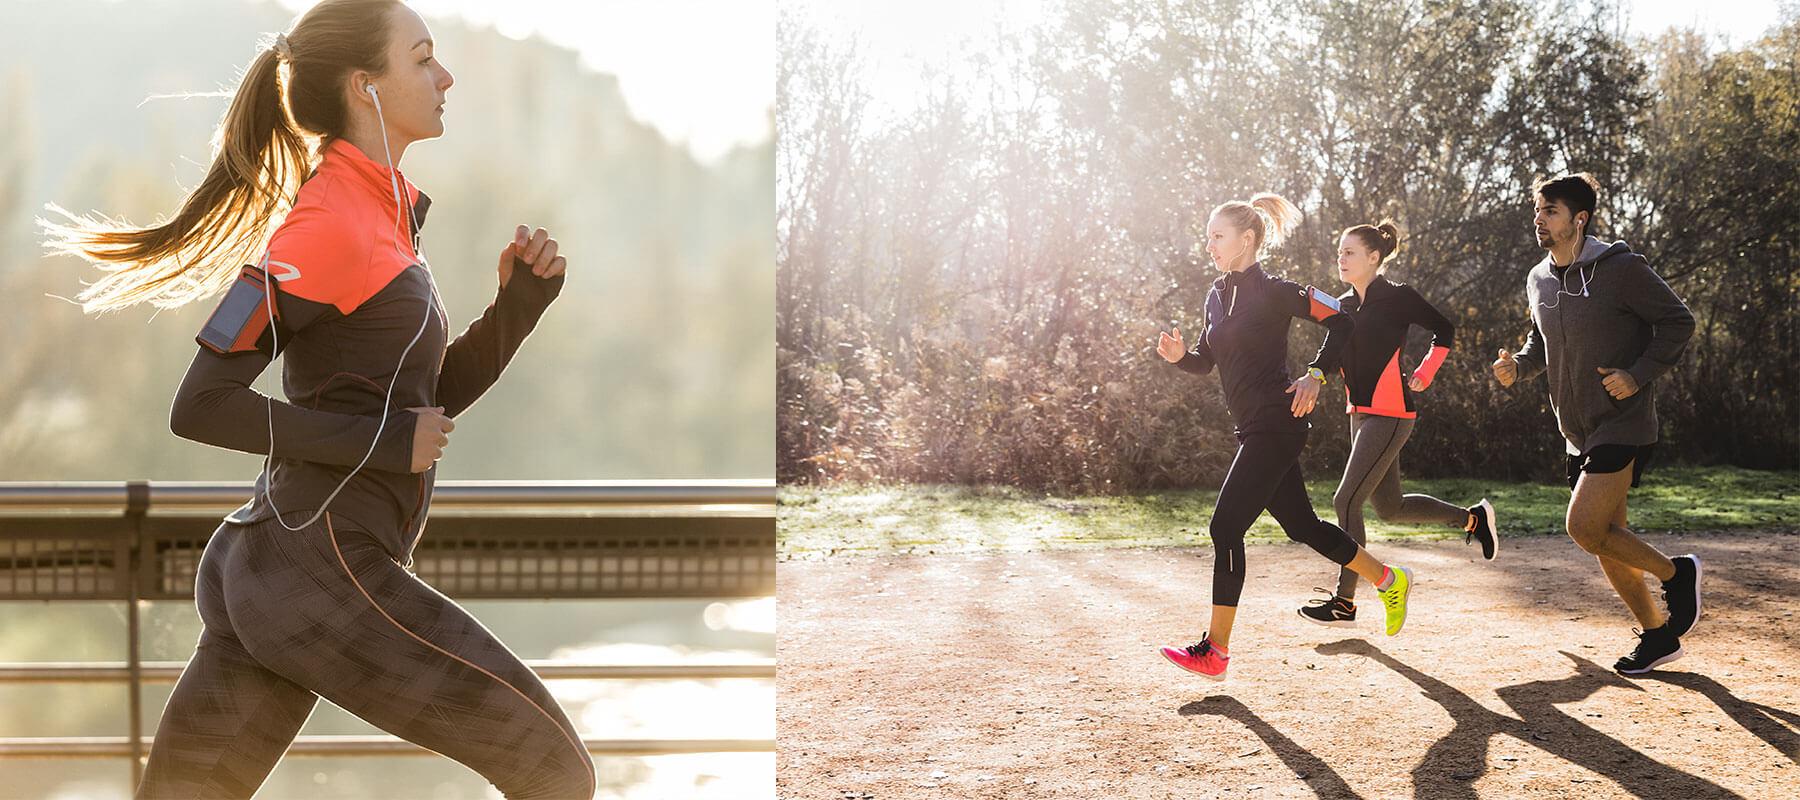 Sport kiegészítők Hogyan ne und magad halálra sportolás közben